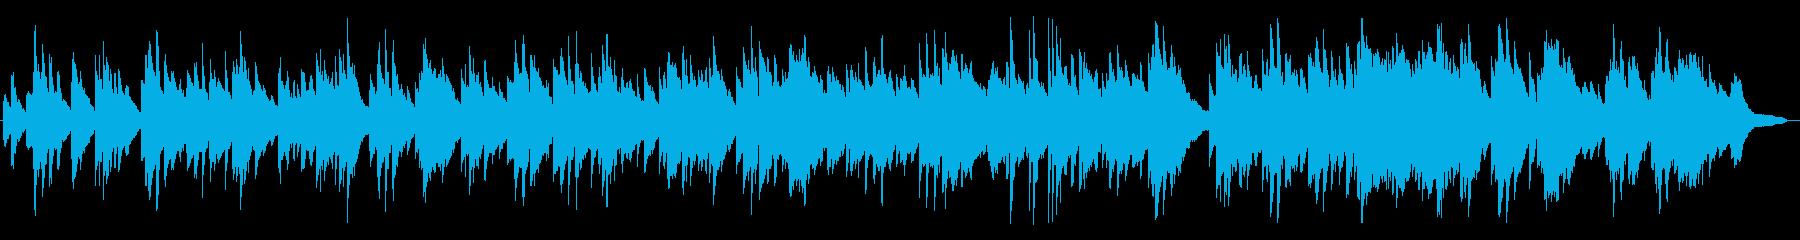 優しく、切ないワルツのピアノBGMの再生済みの波形